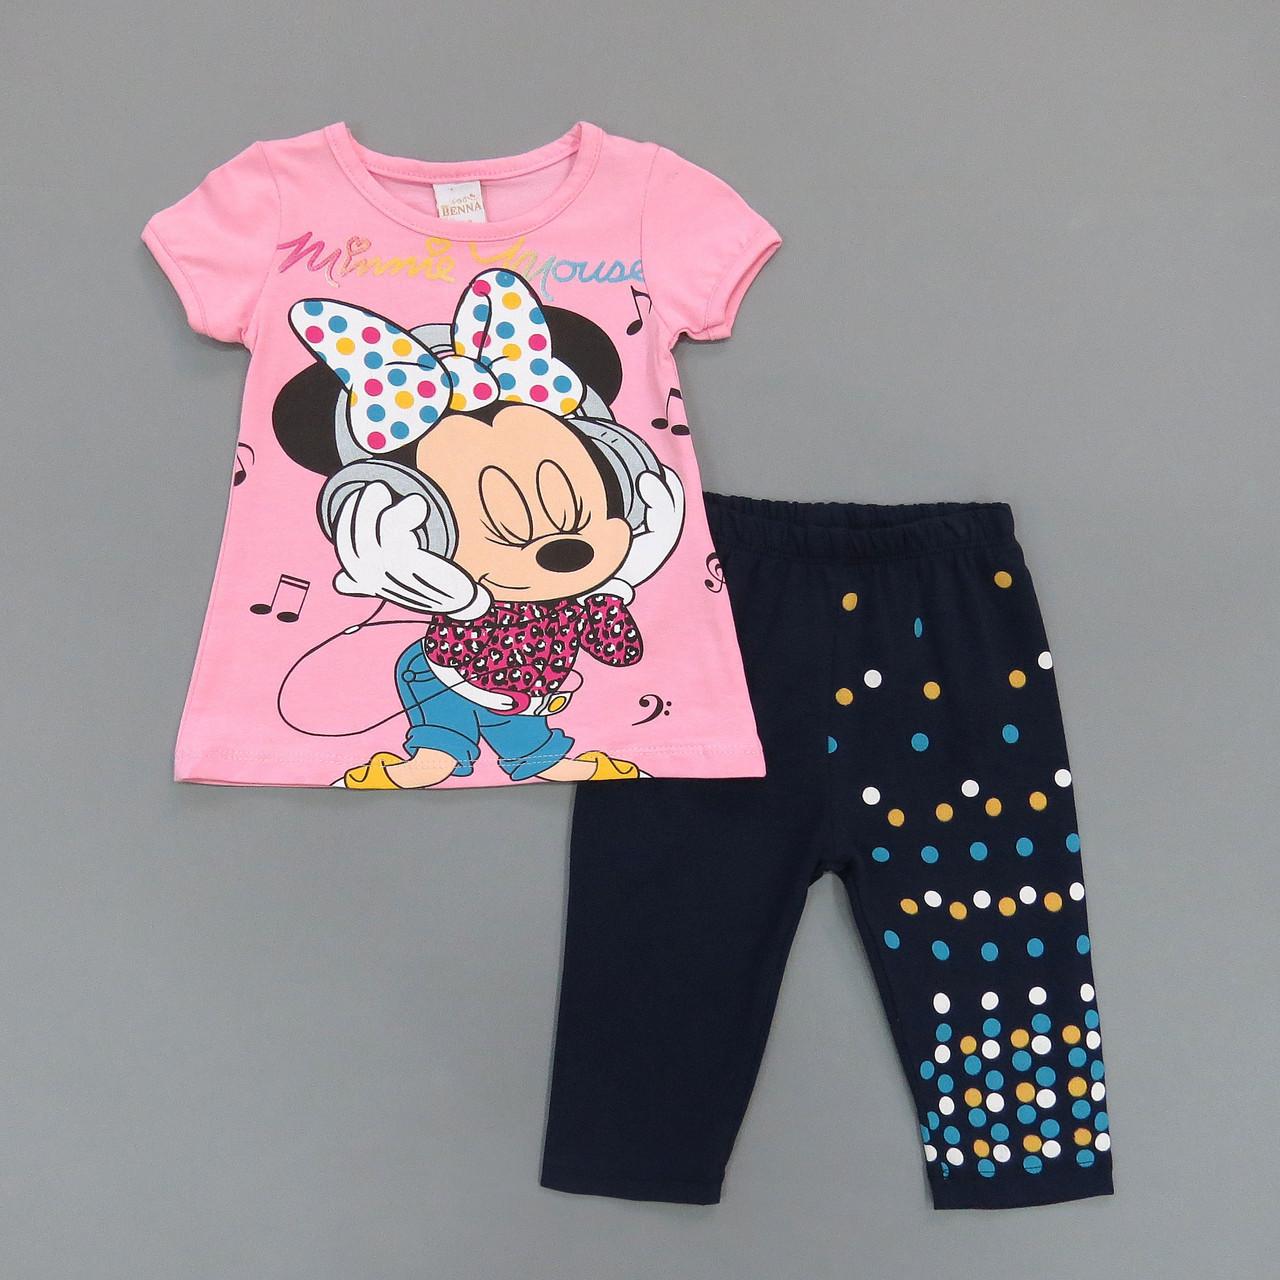 Летний костюм Minnie Mouse для девочки. Маломерит. 98, 104 см